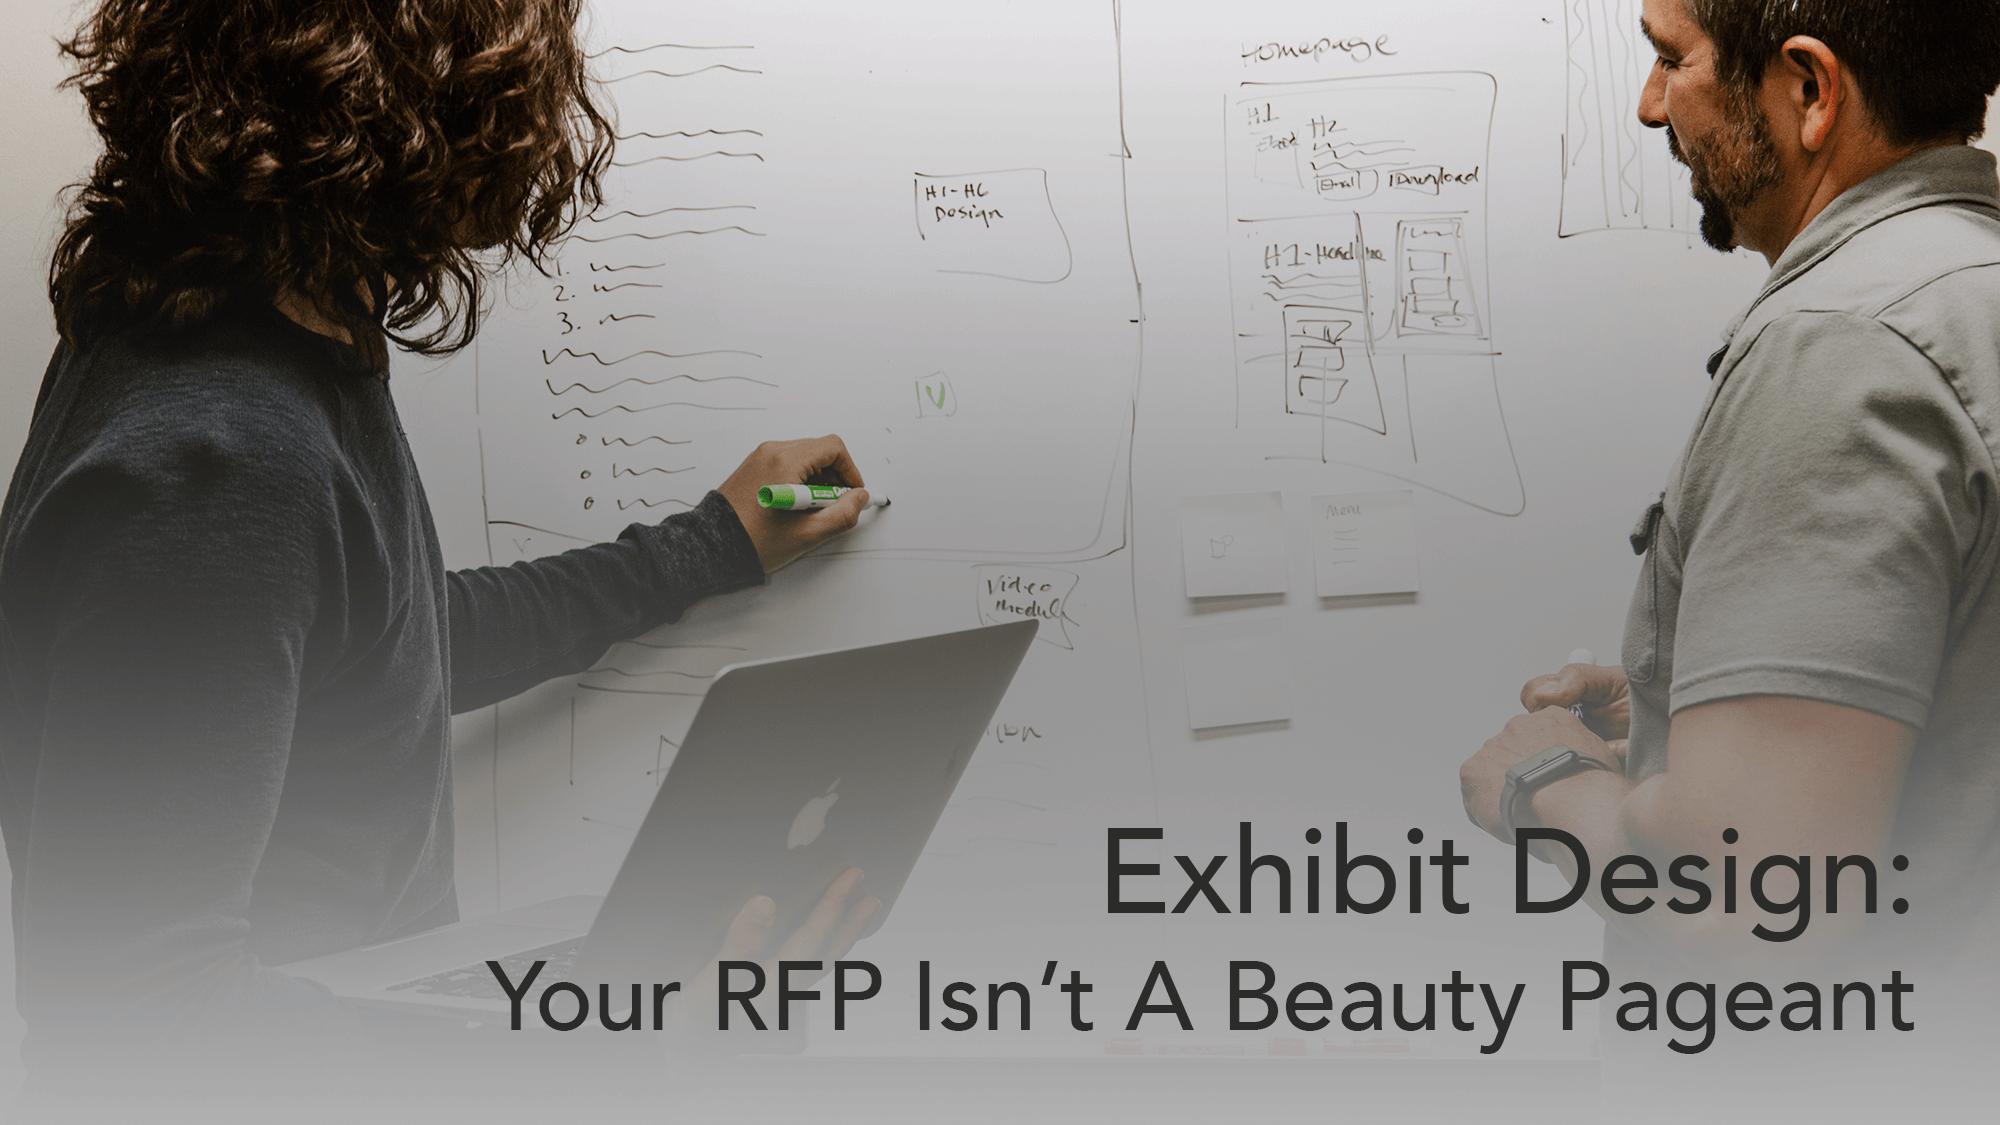 exhibit design rfp